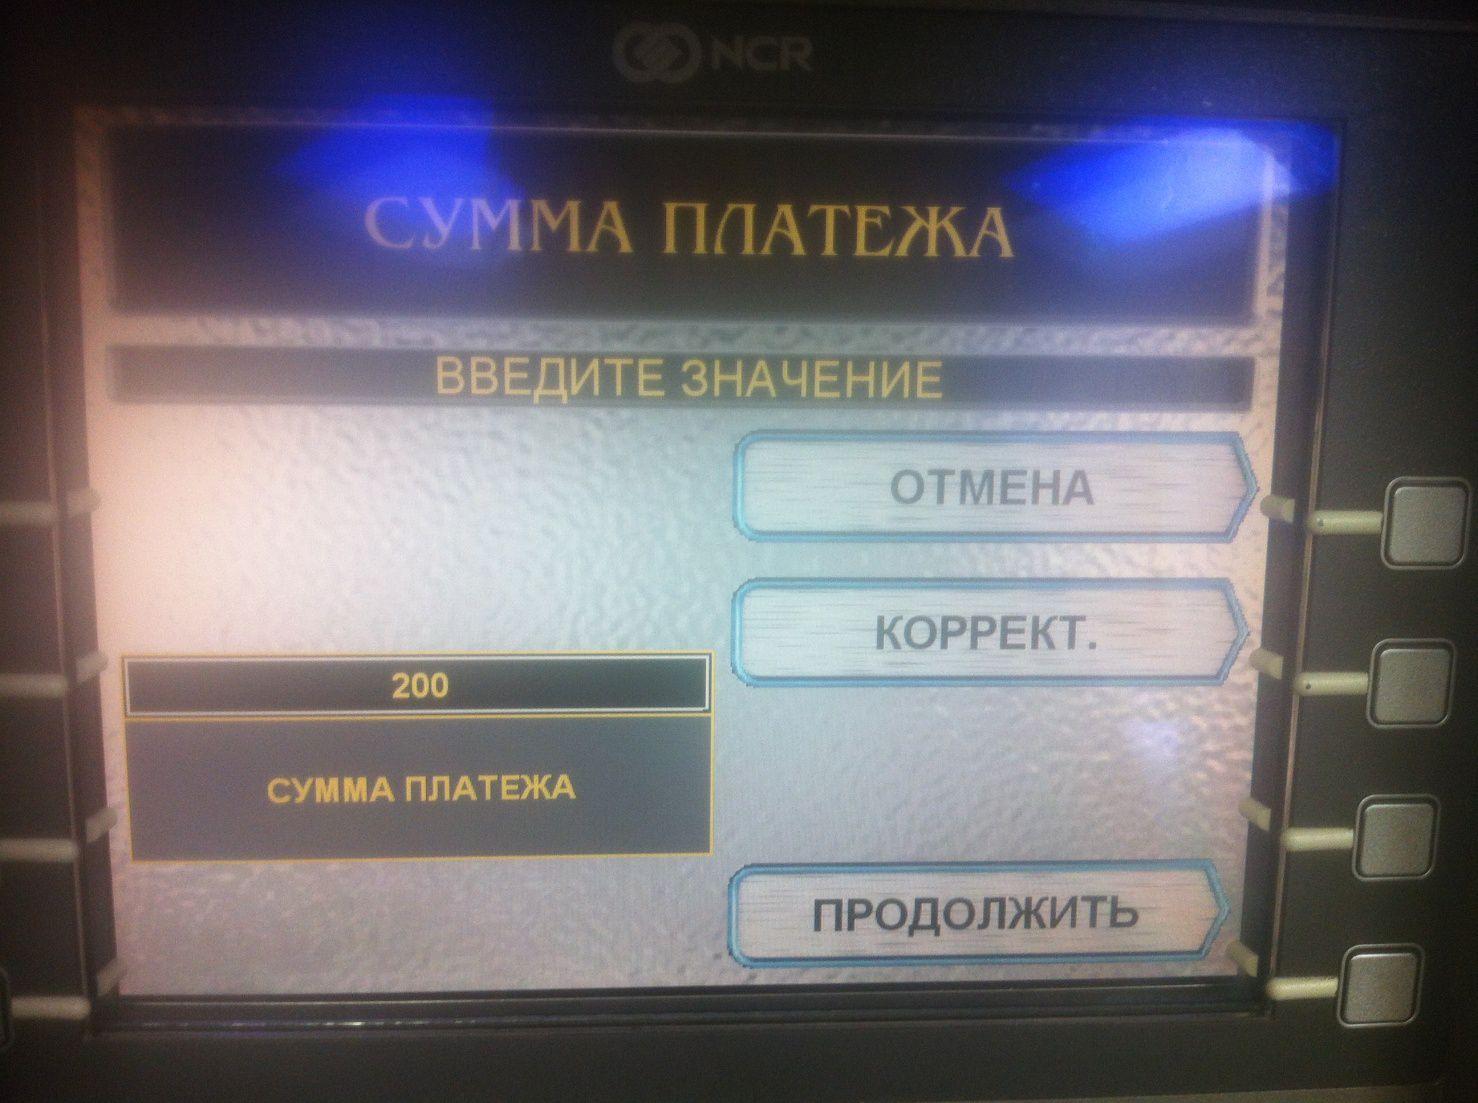 Оплатить через банкомат